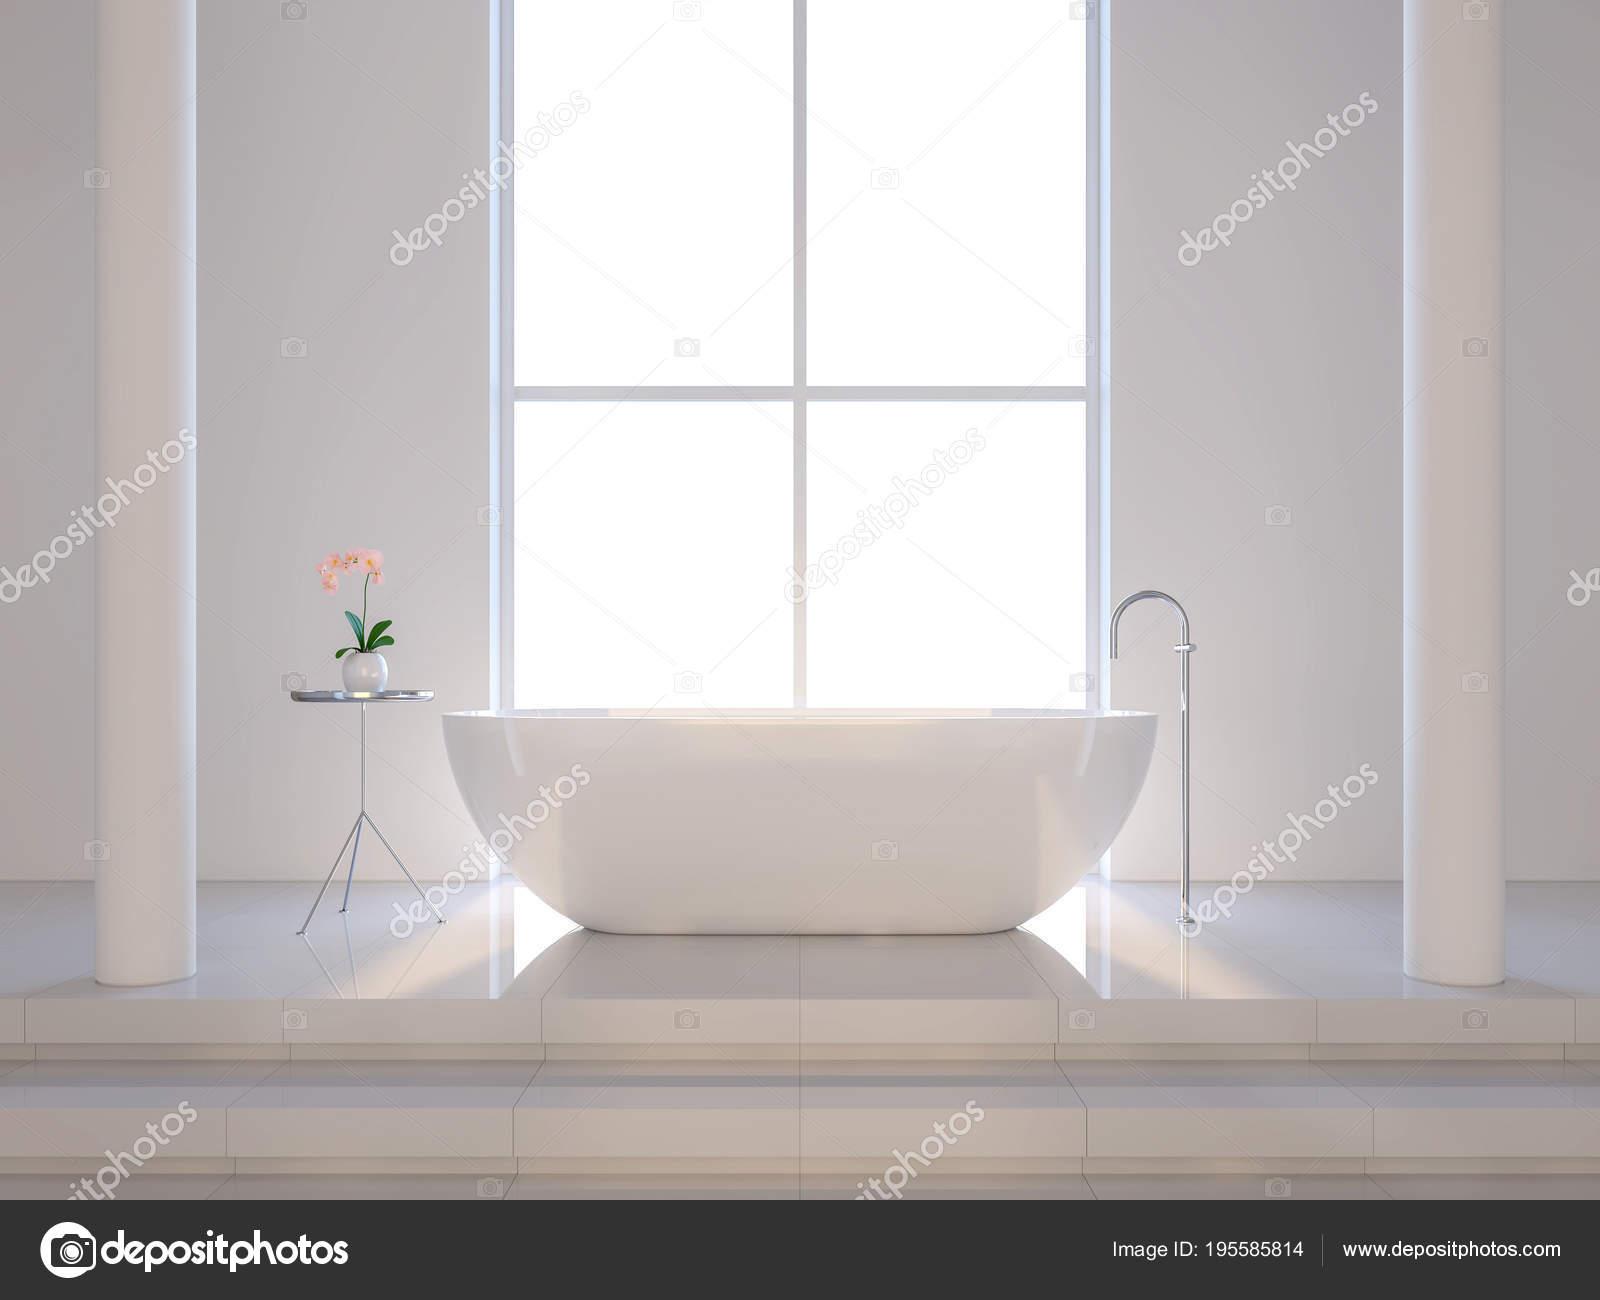 Bagno bianco minimal render sono pavimento piastrelle bianche